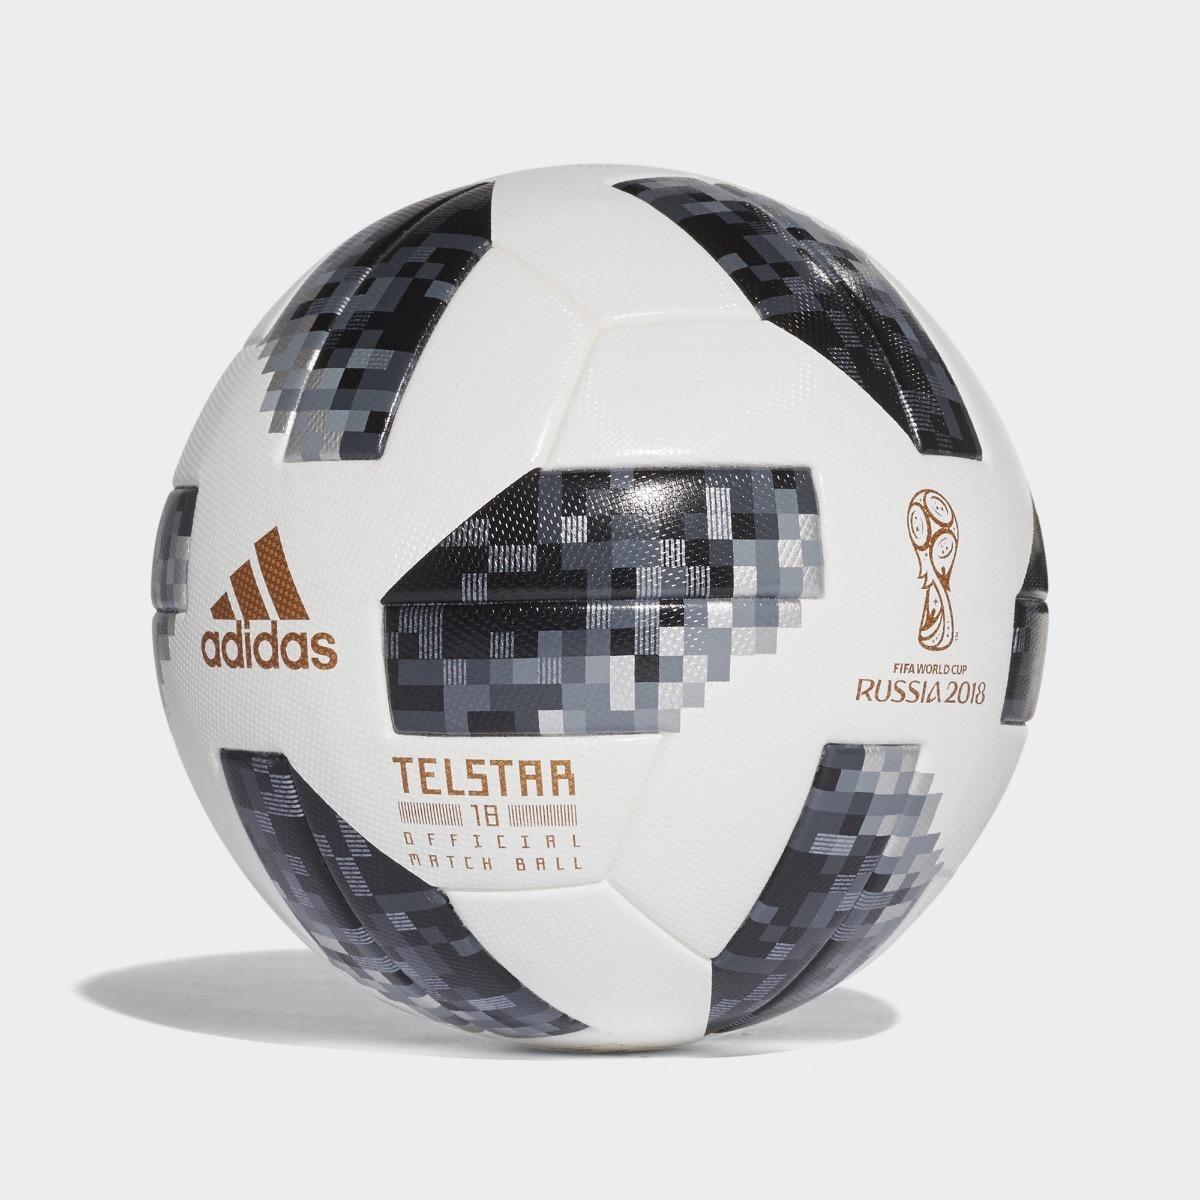 Pelota Oficial De Juego Mundial adidas Telstar Rusia 2018.